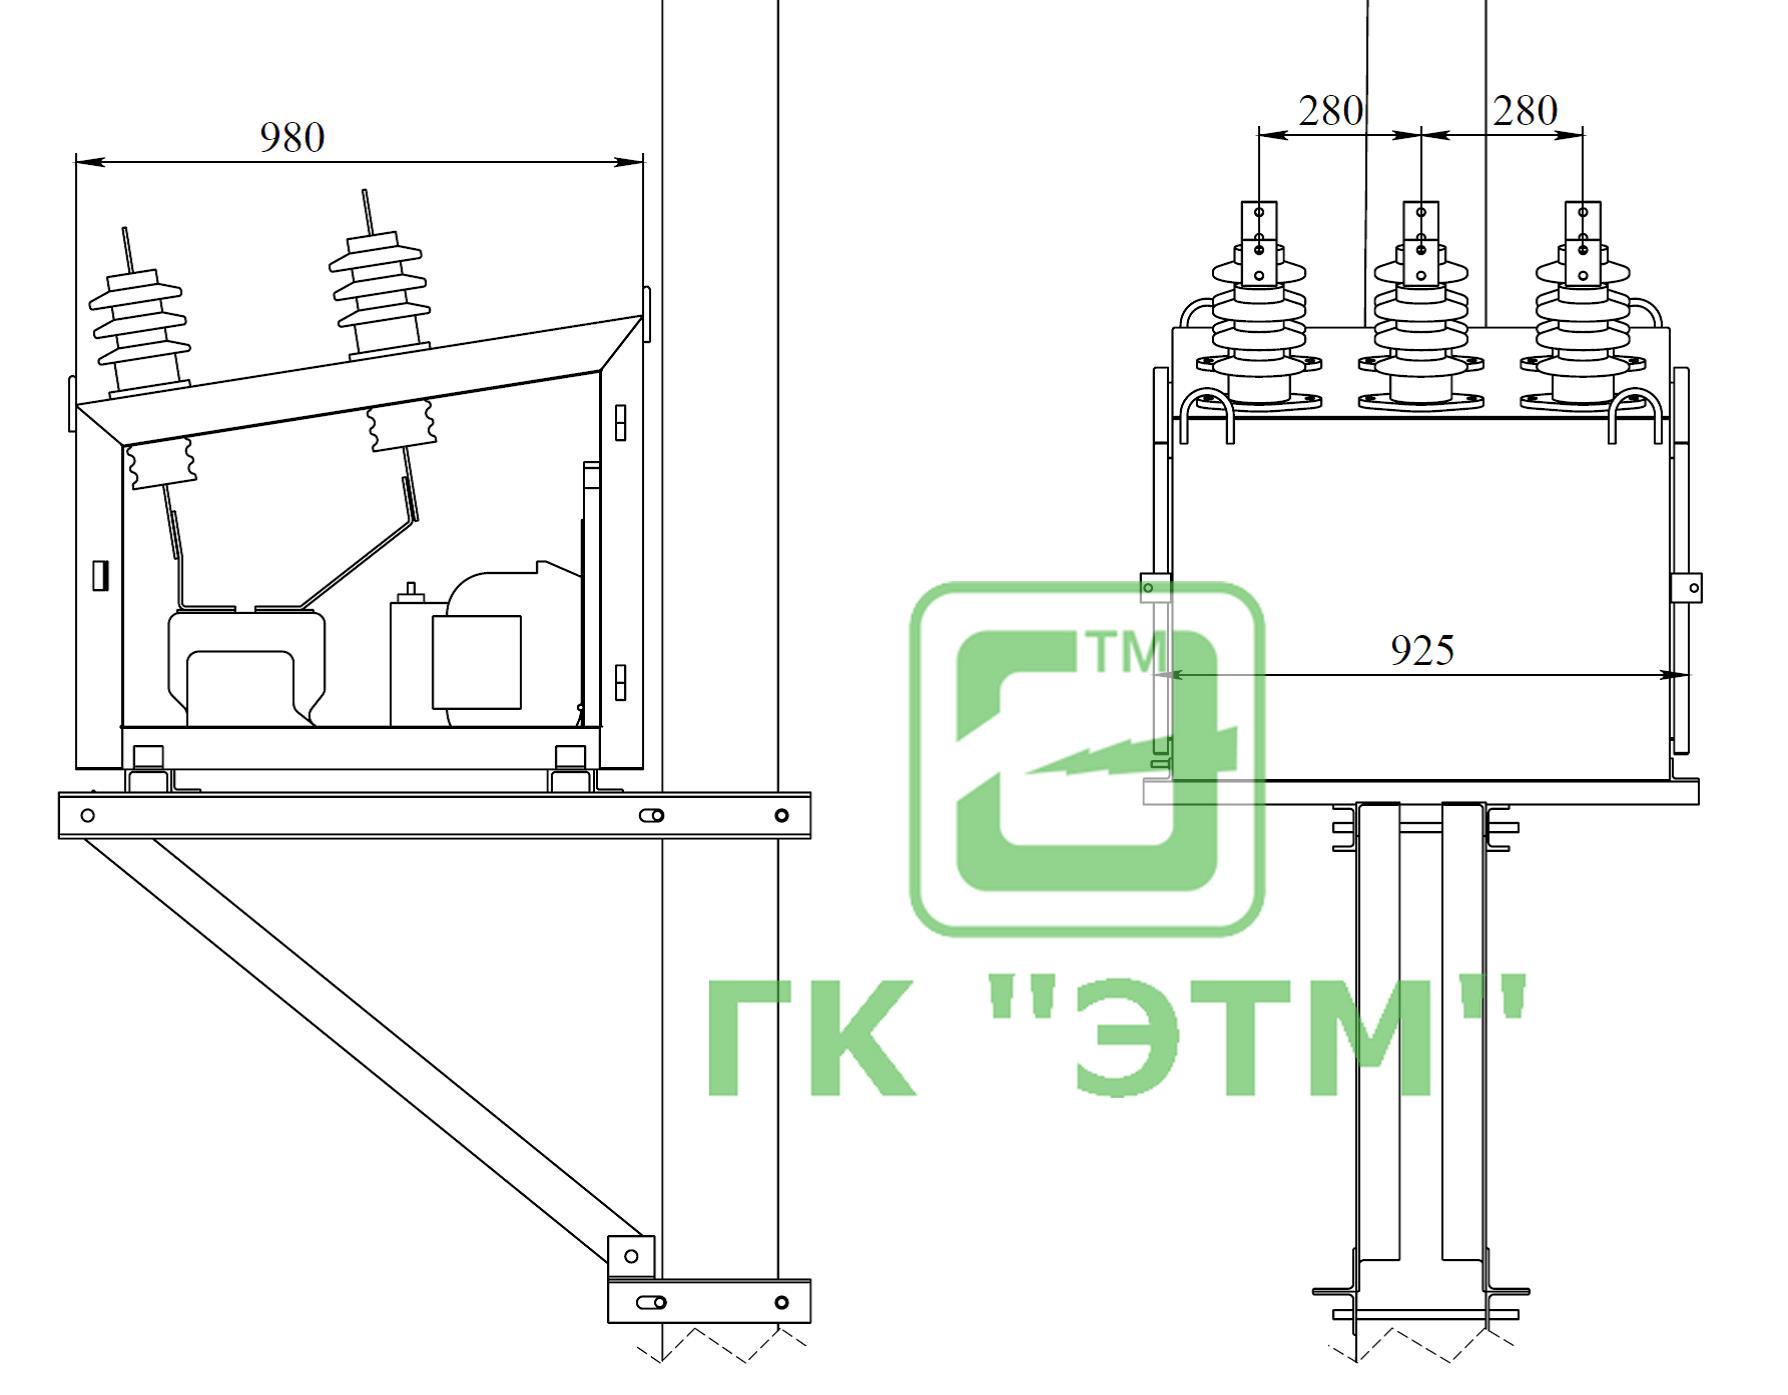 Схема присоединения трансформаторов тока и счётчика